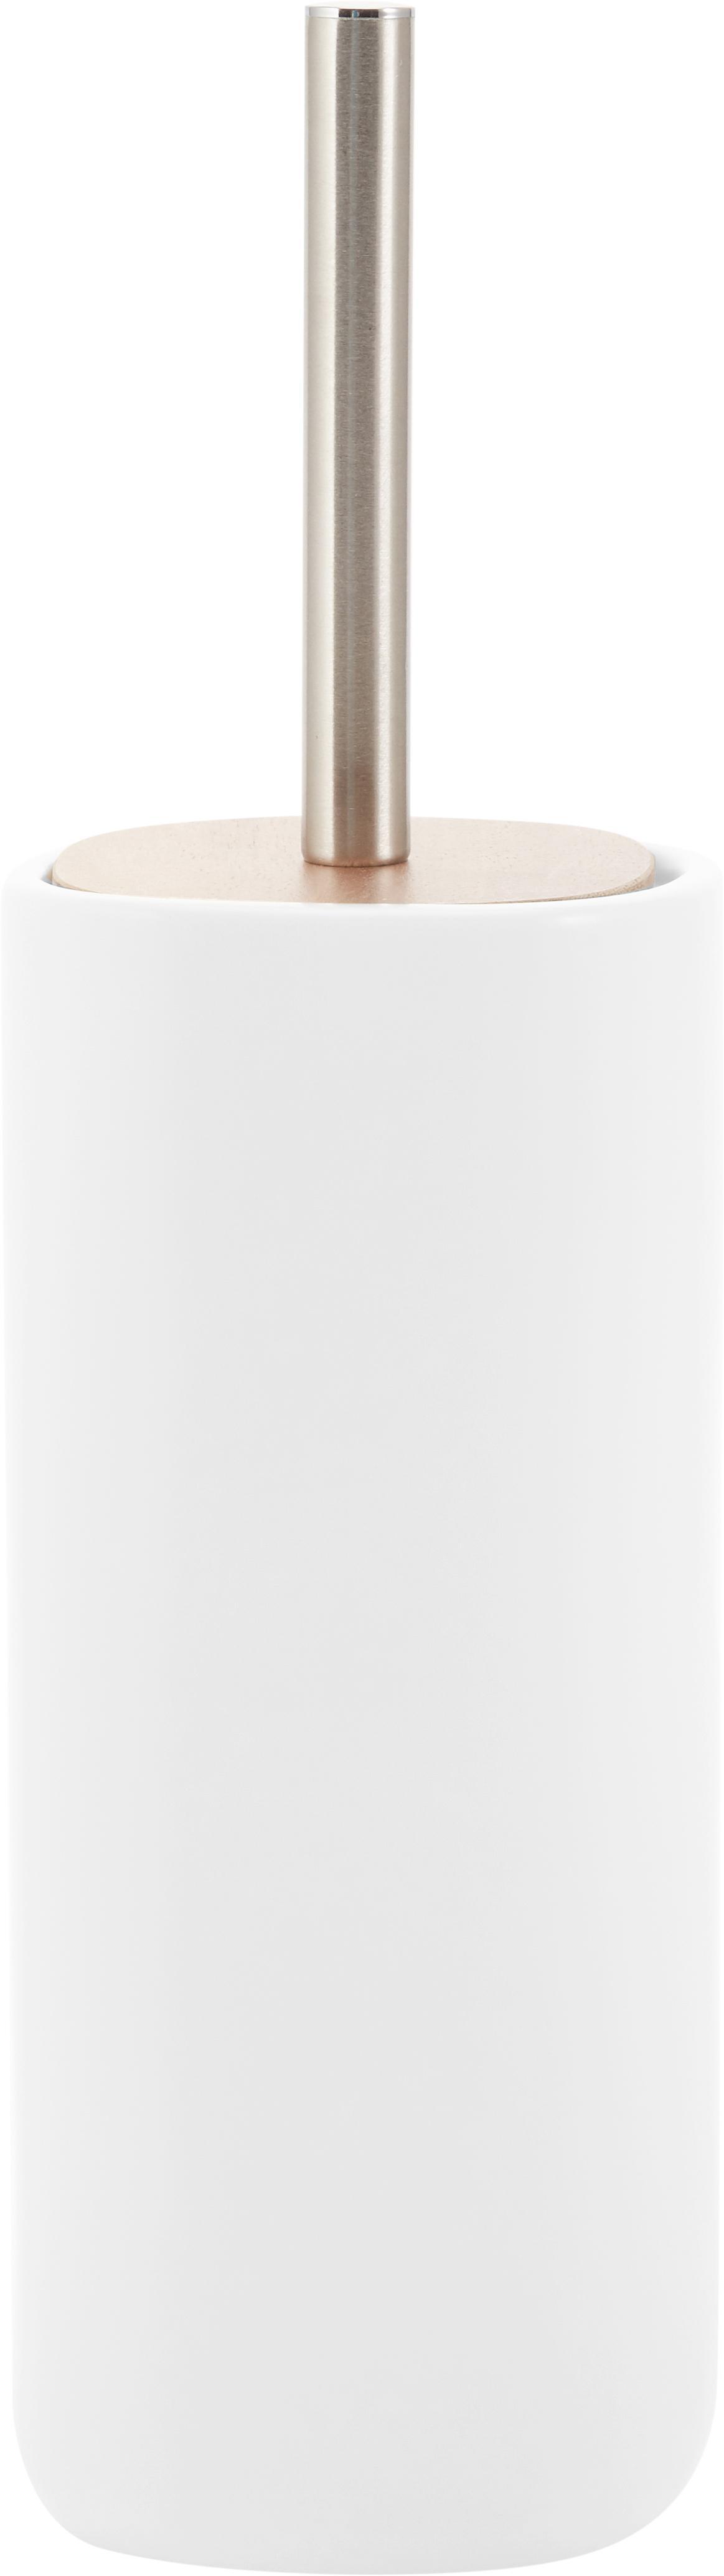 Szczotka toaletowa Wili, Biały, drewno akacjowe, Ø 11 x W 37 cm